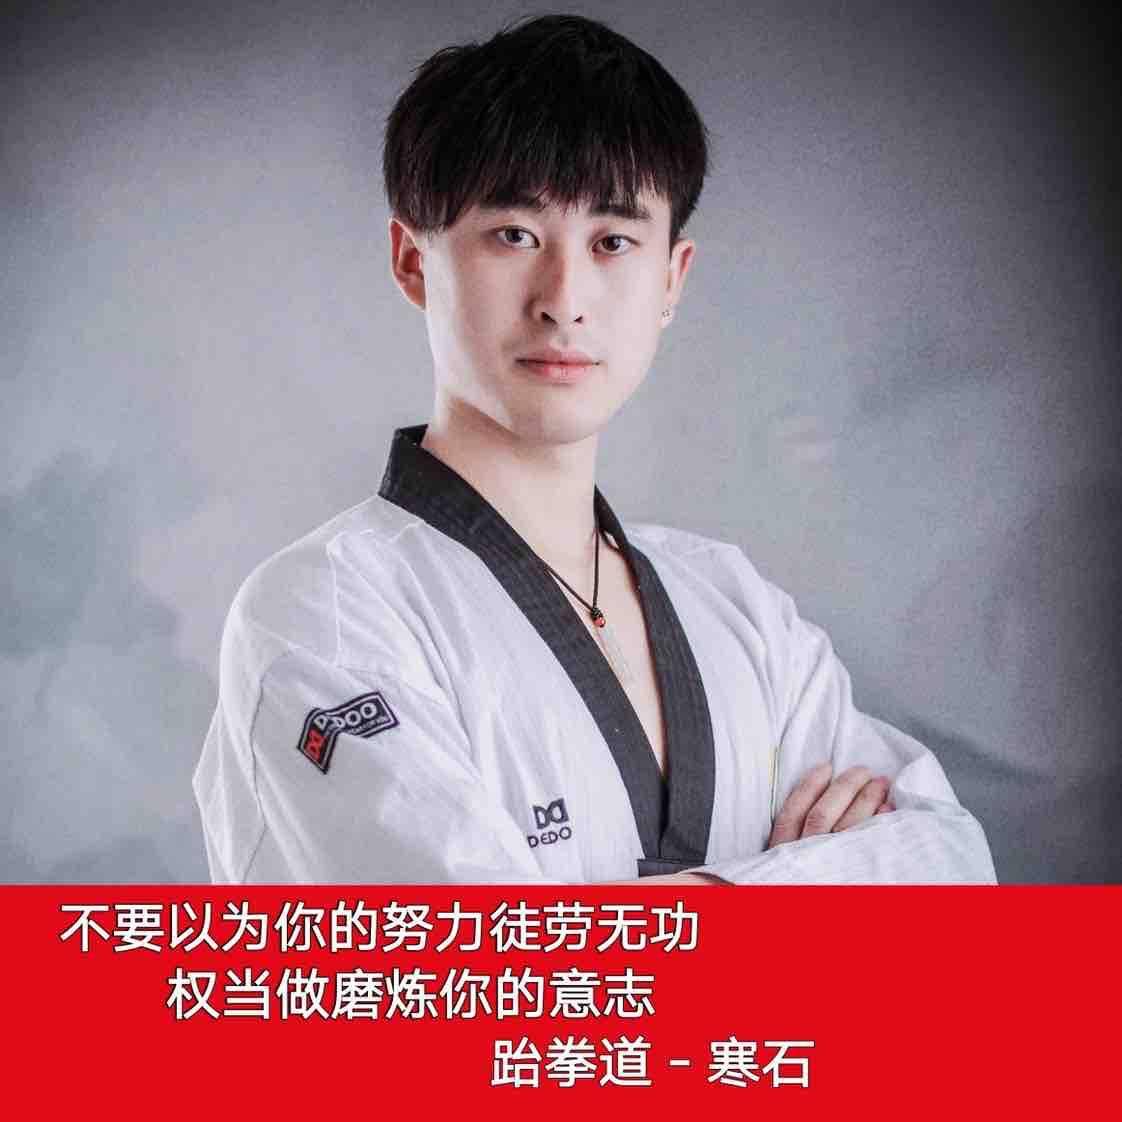 中国高校跆拳道联盟